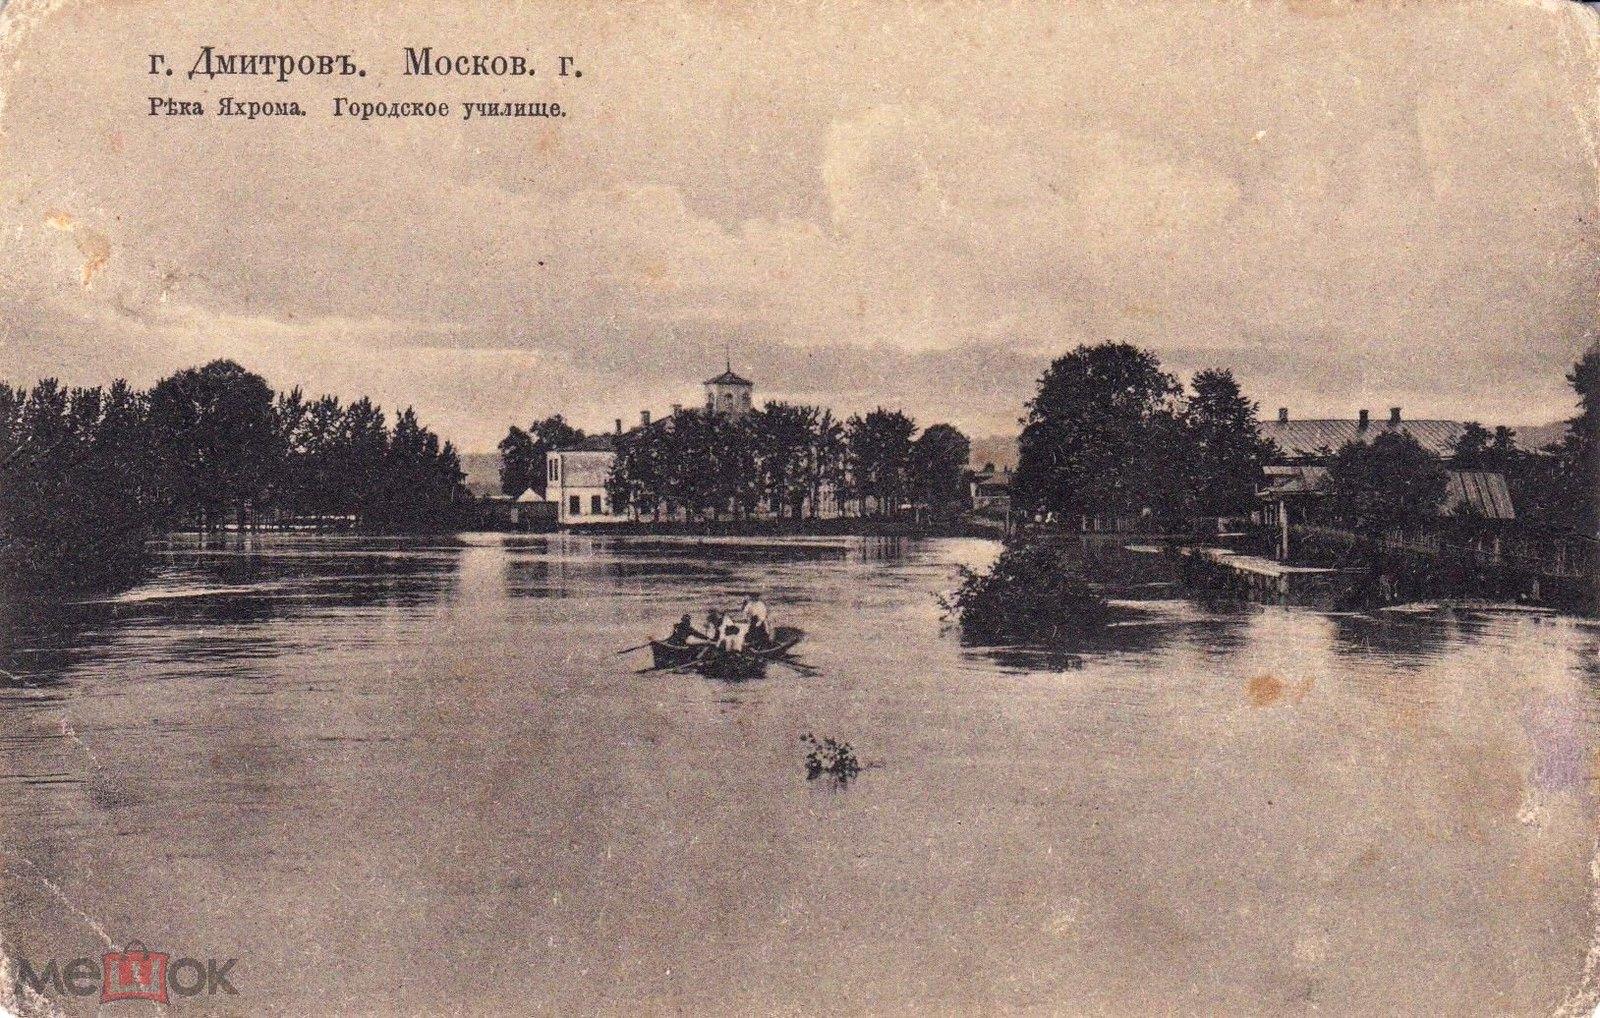 18. Река Яхрома. Городское училище